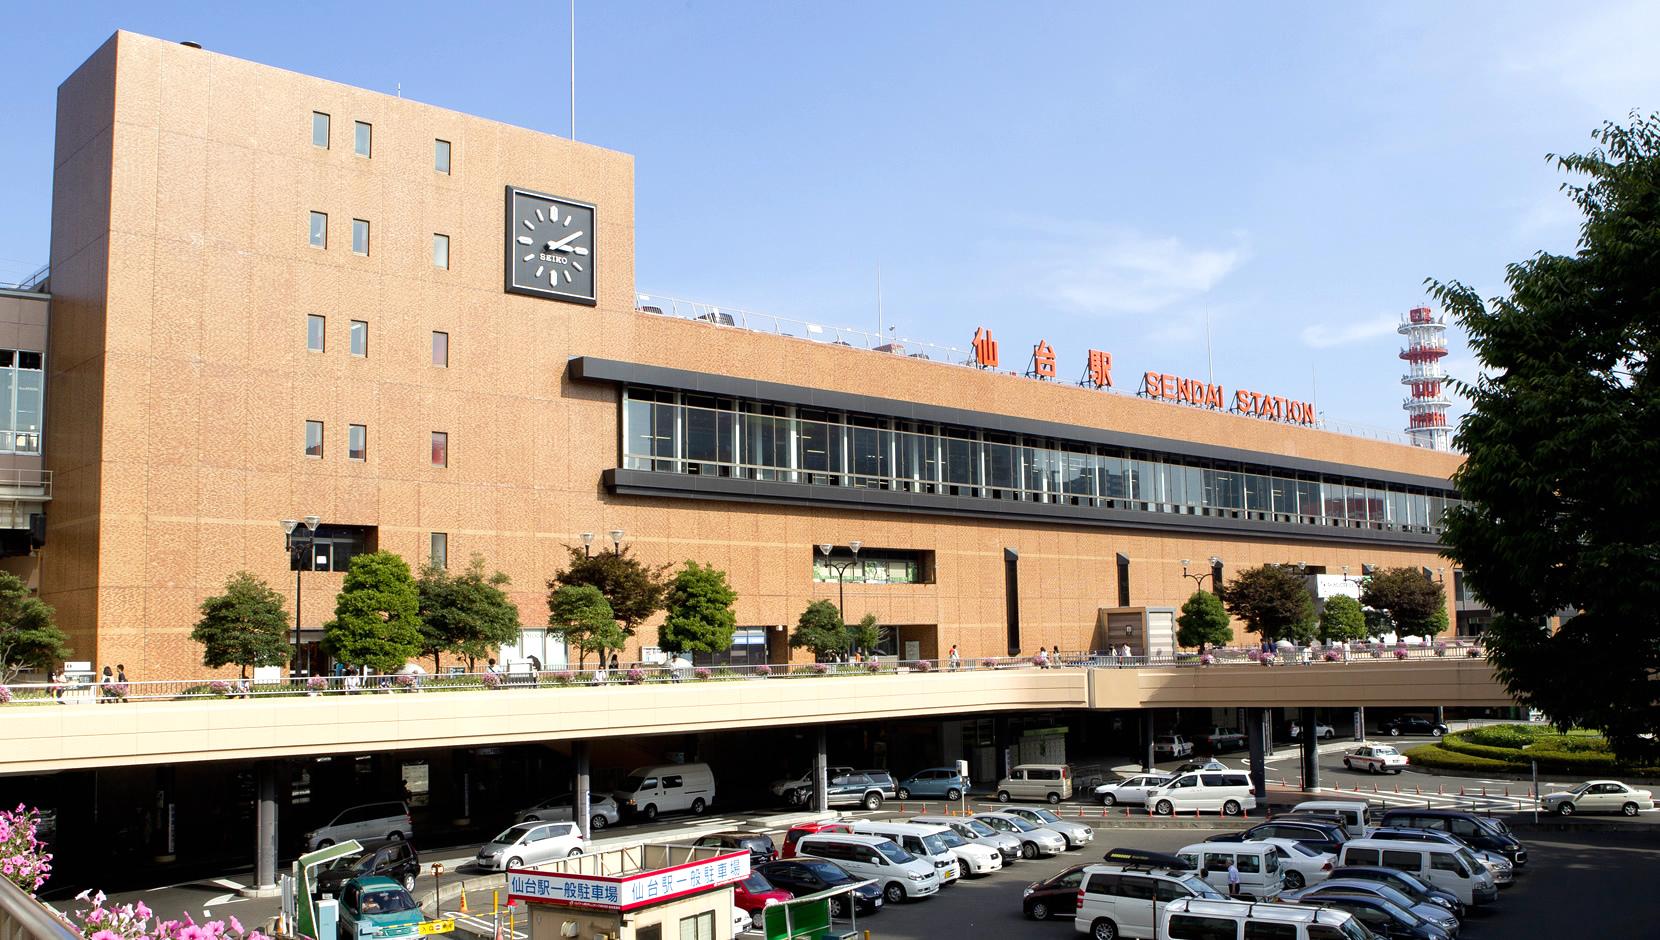 仙台Loople巴士仙台车站